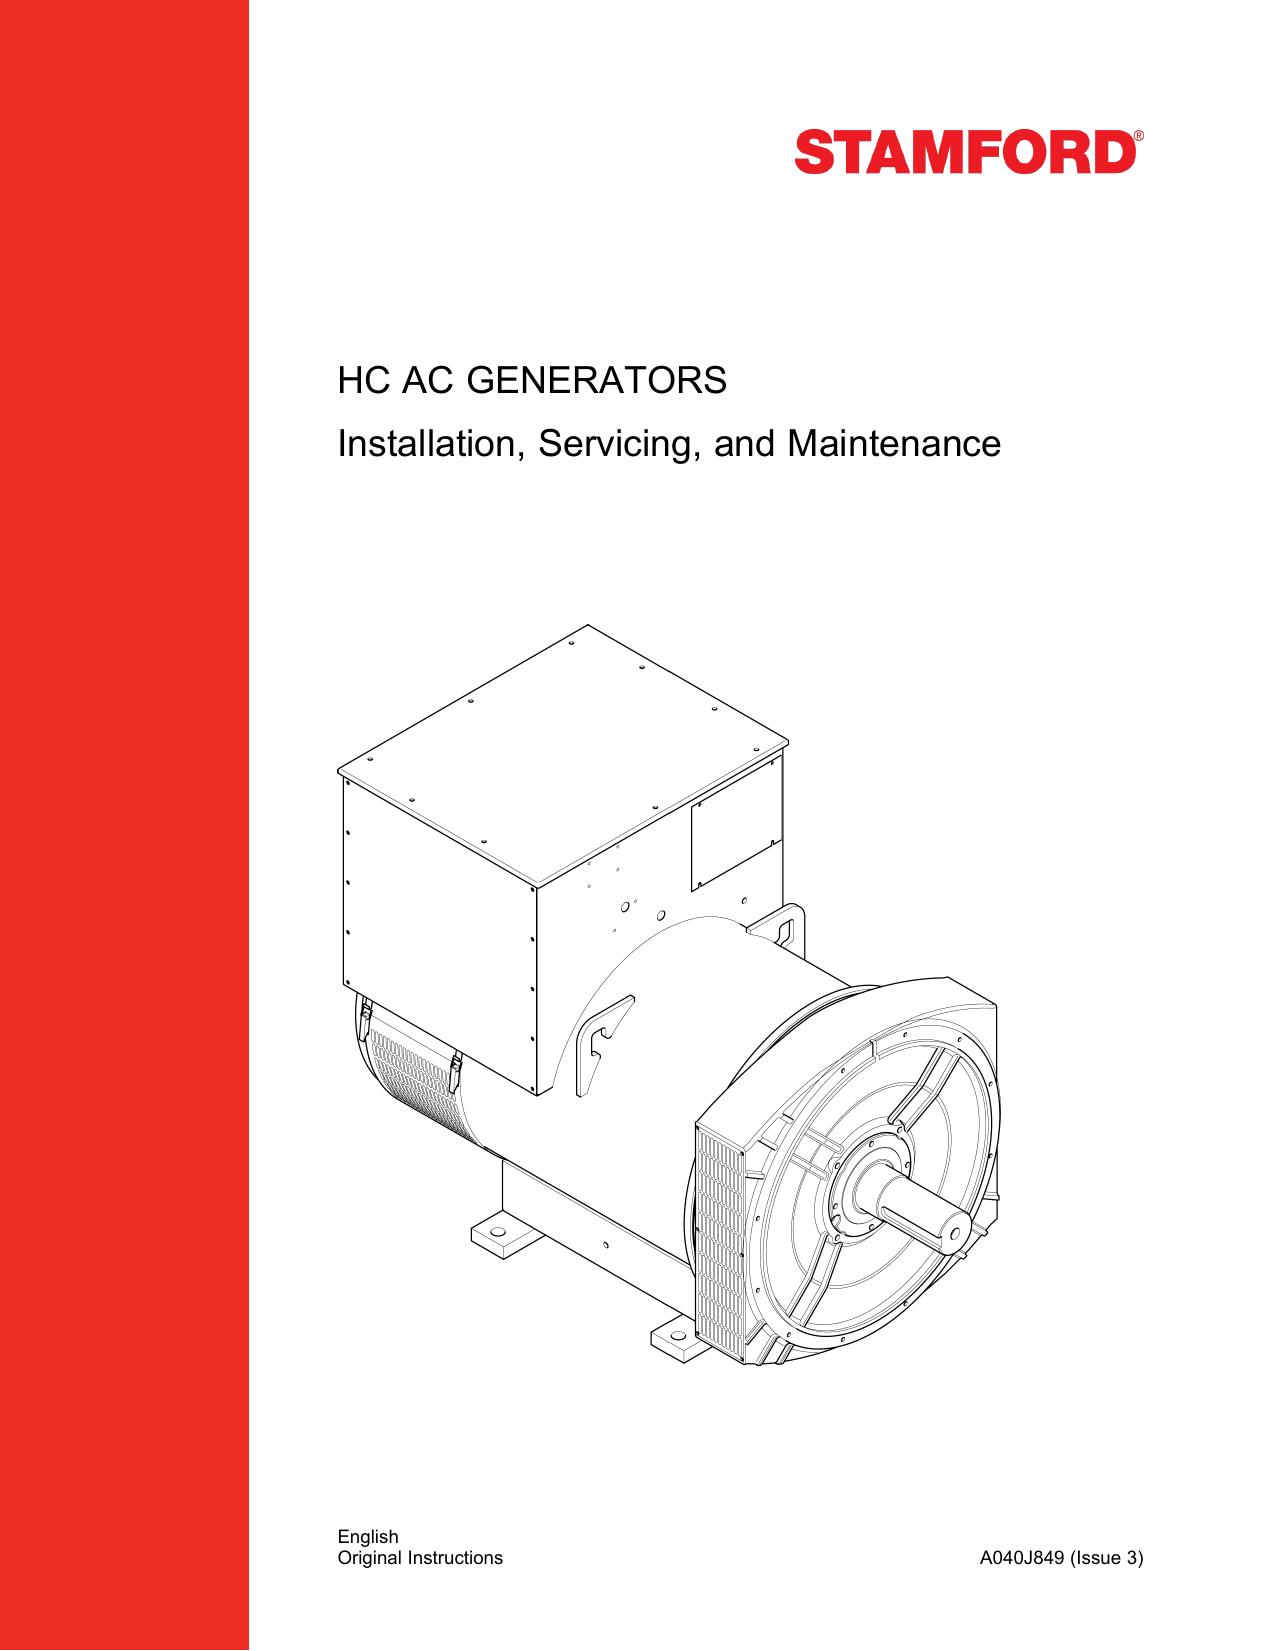 [NRIO_4796]   Stamford-HC-Manual-EN | Manualzz | Wiring Diagram Stamford Generator |  | manualzz